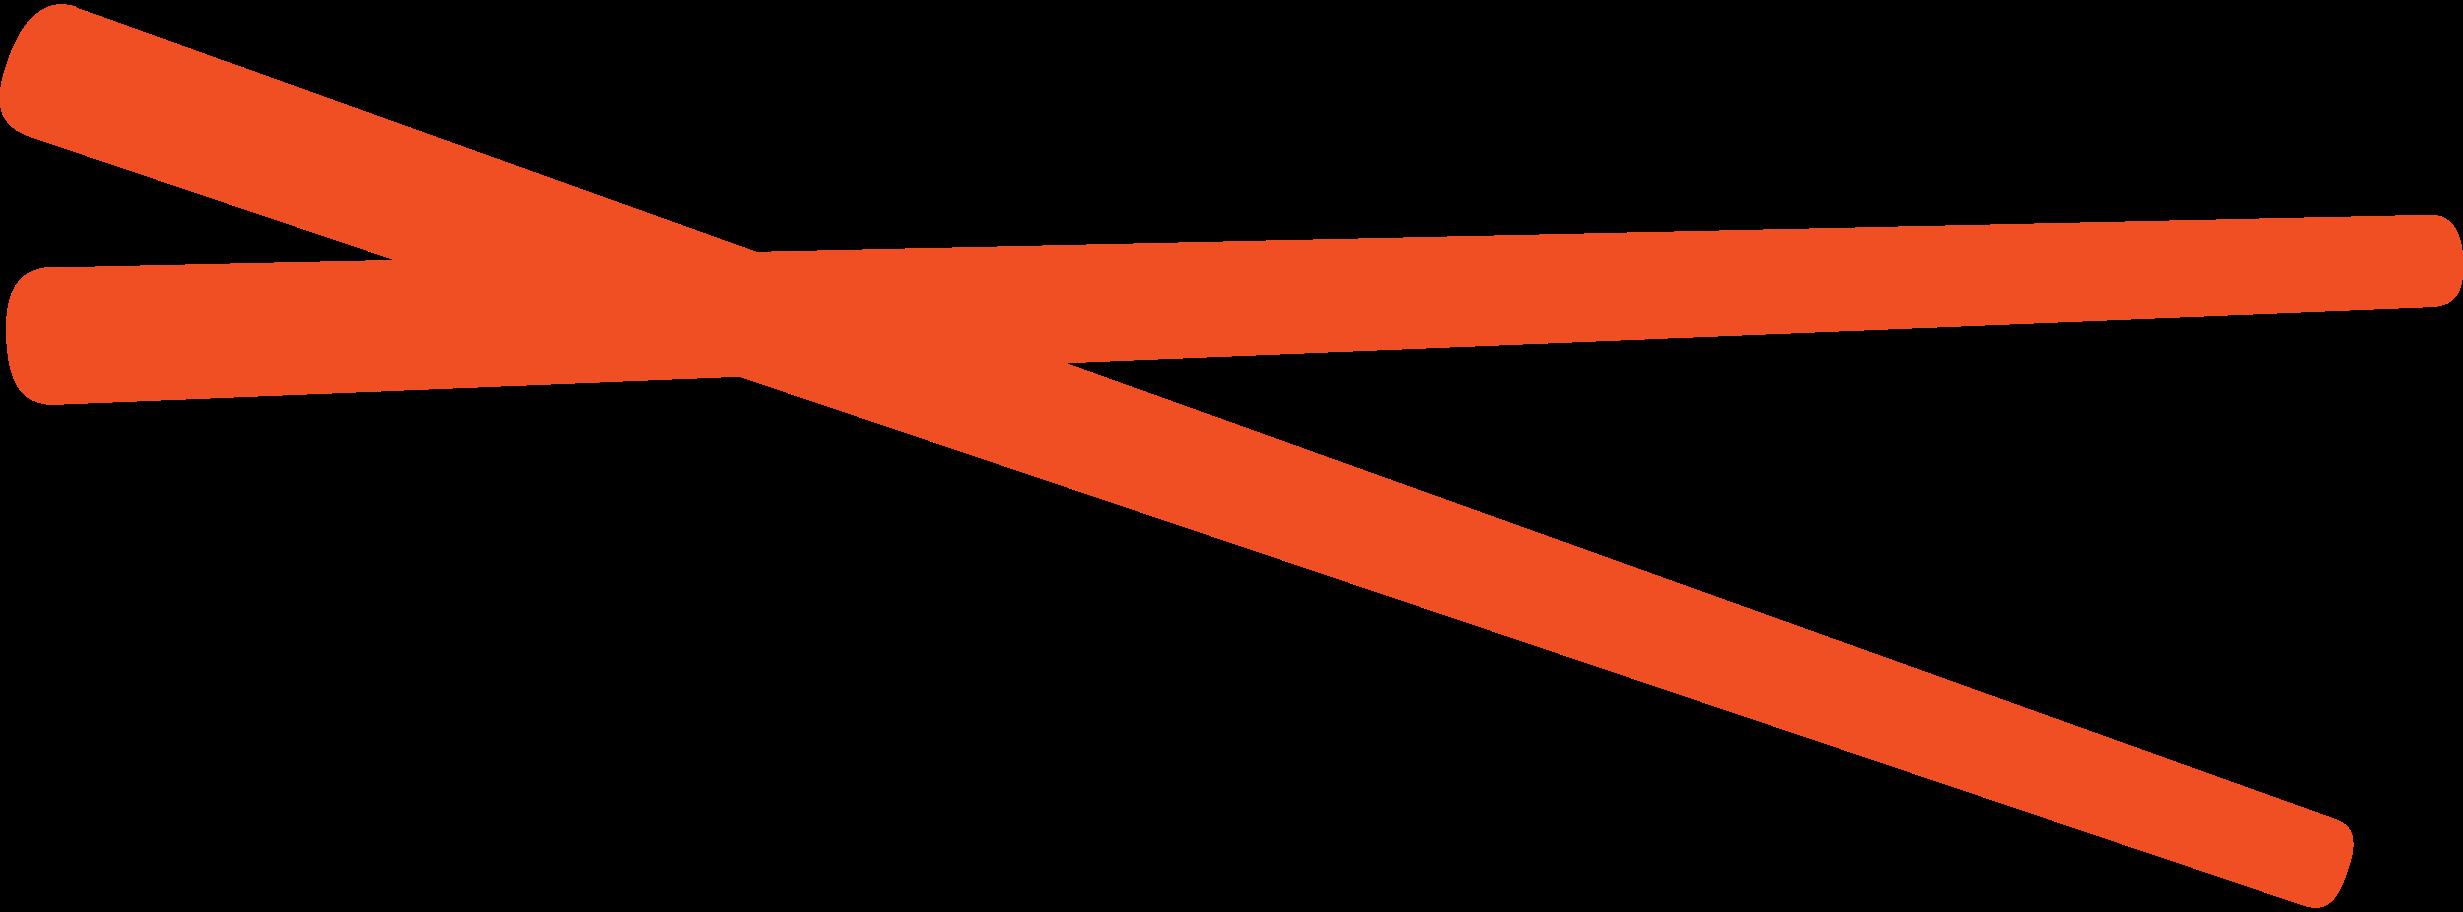 chopsticks Clipart illustration in PNG, SVG